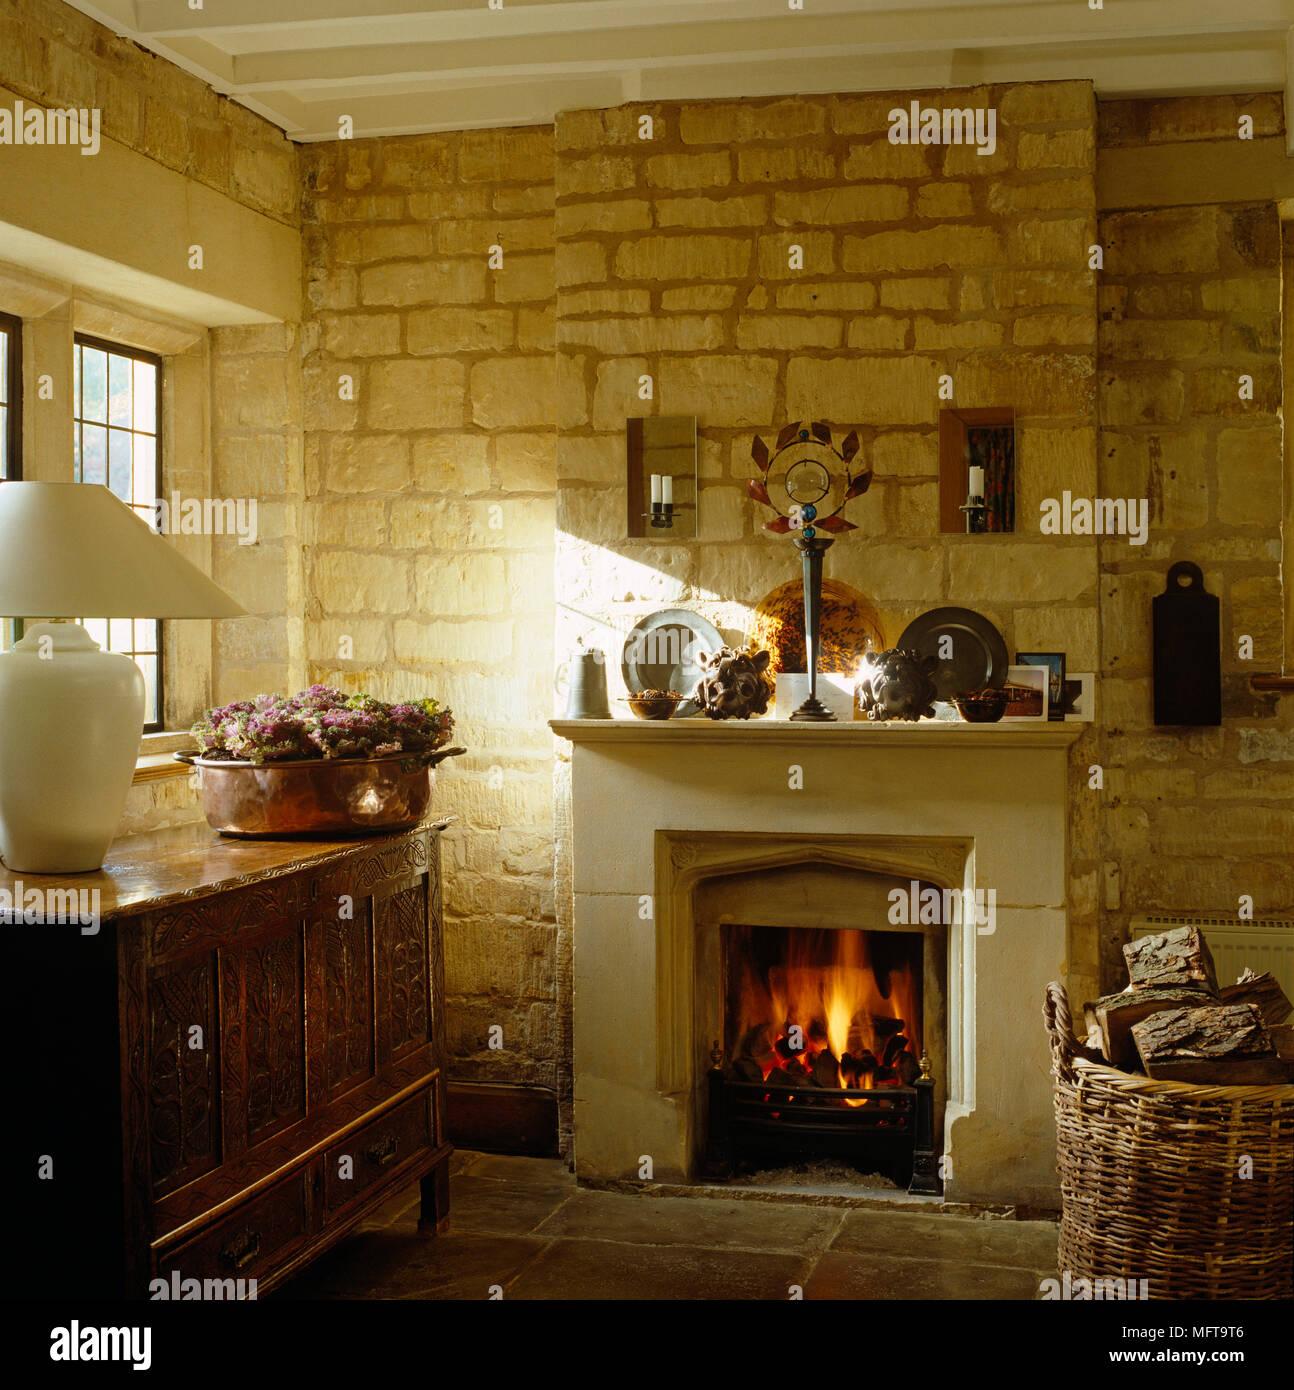 allume feu dans cheminée en style rustique avec des murs en pierre